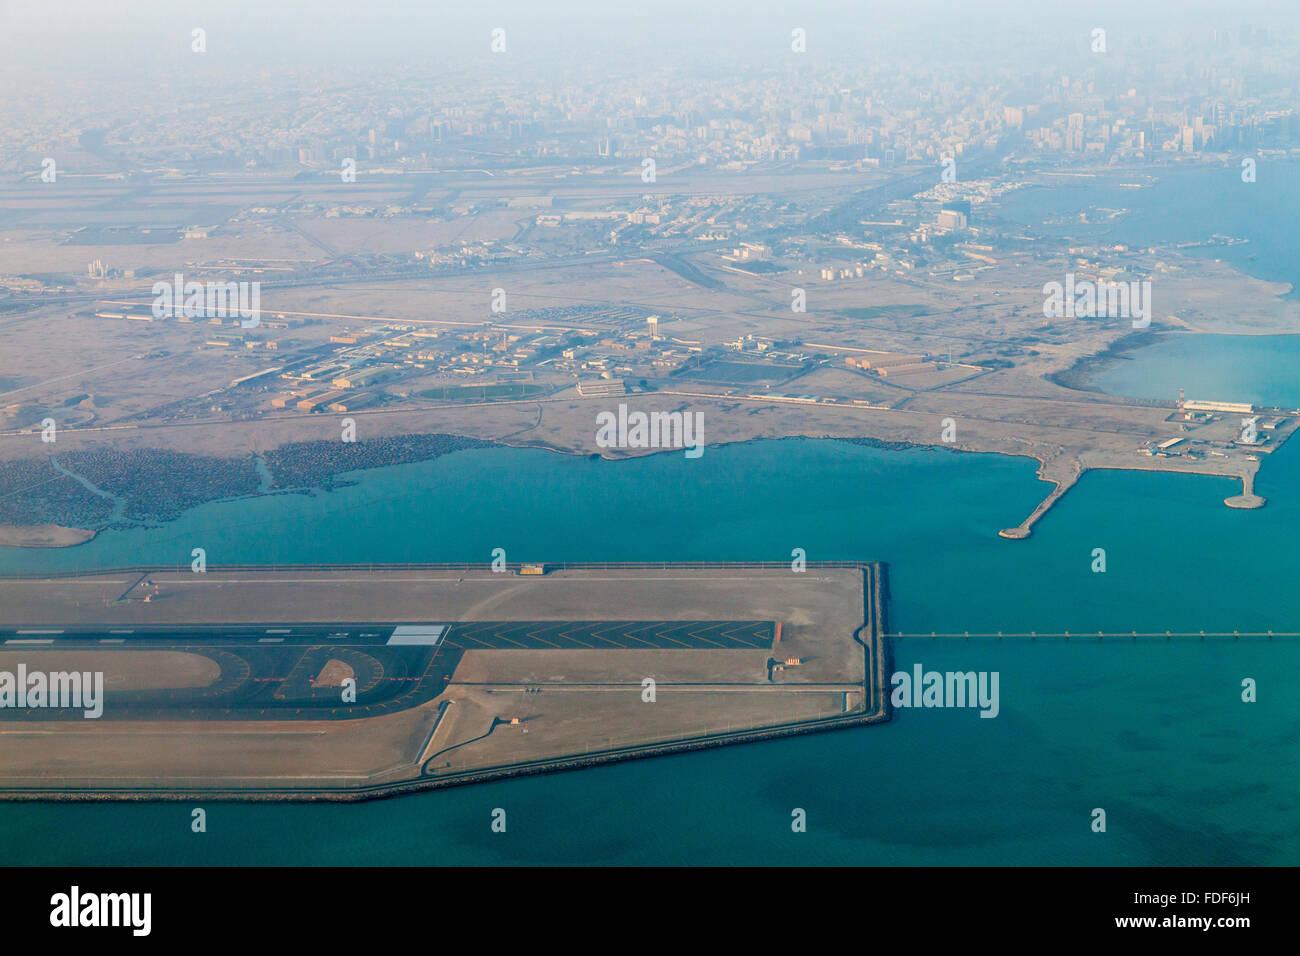 Une vue aérienne de l'Aéroport International Hamad, Doha, Qatar Banque D'Images